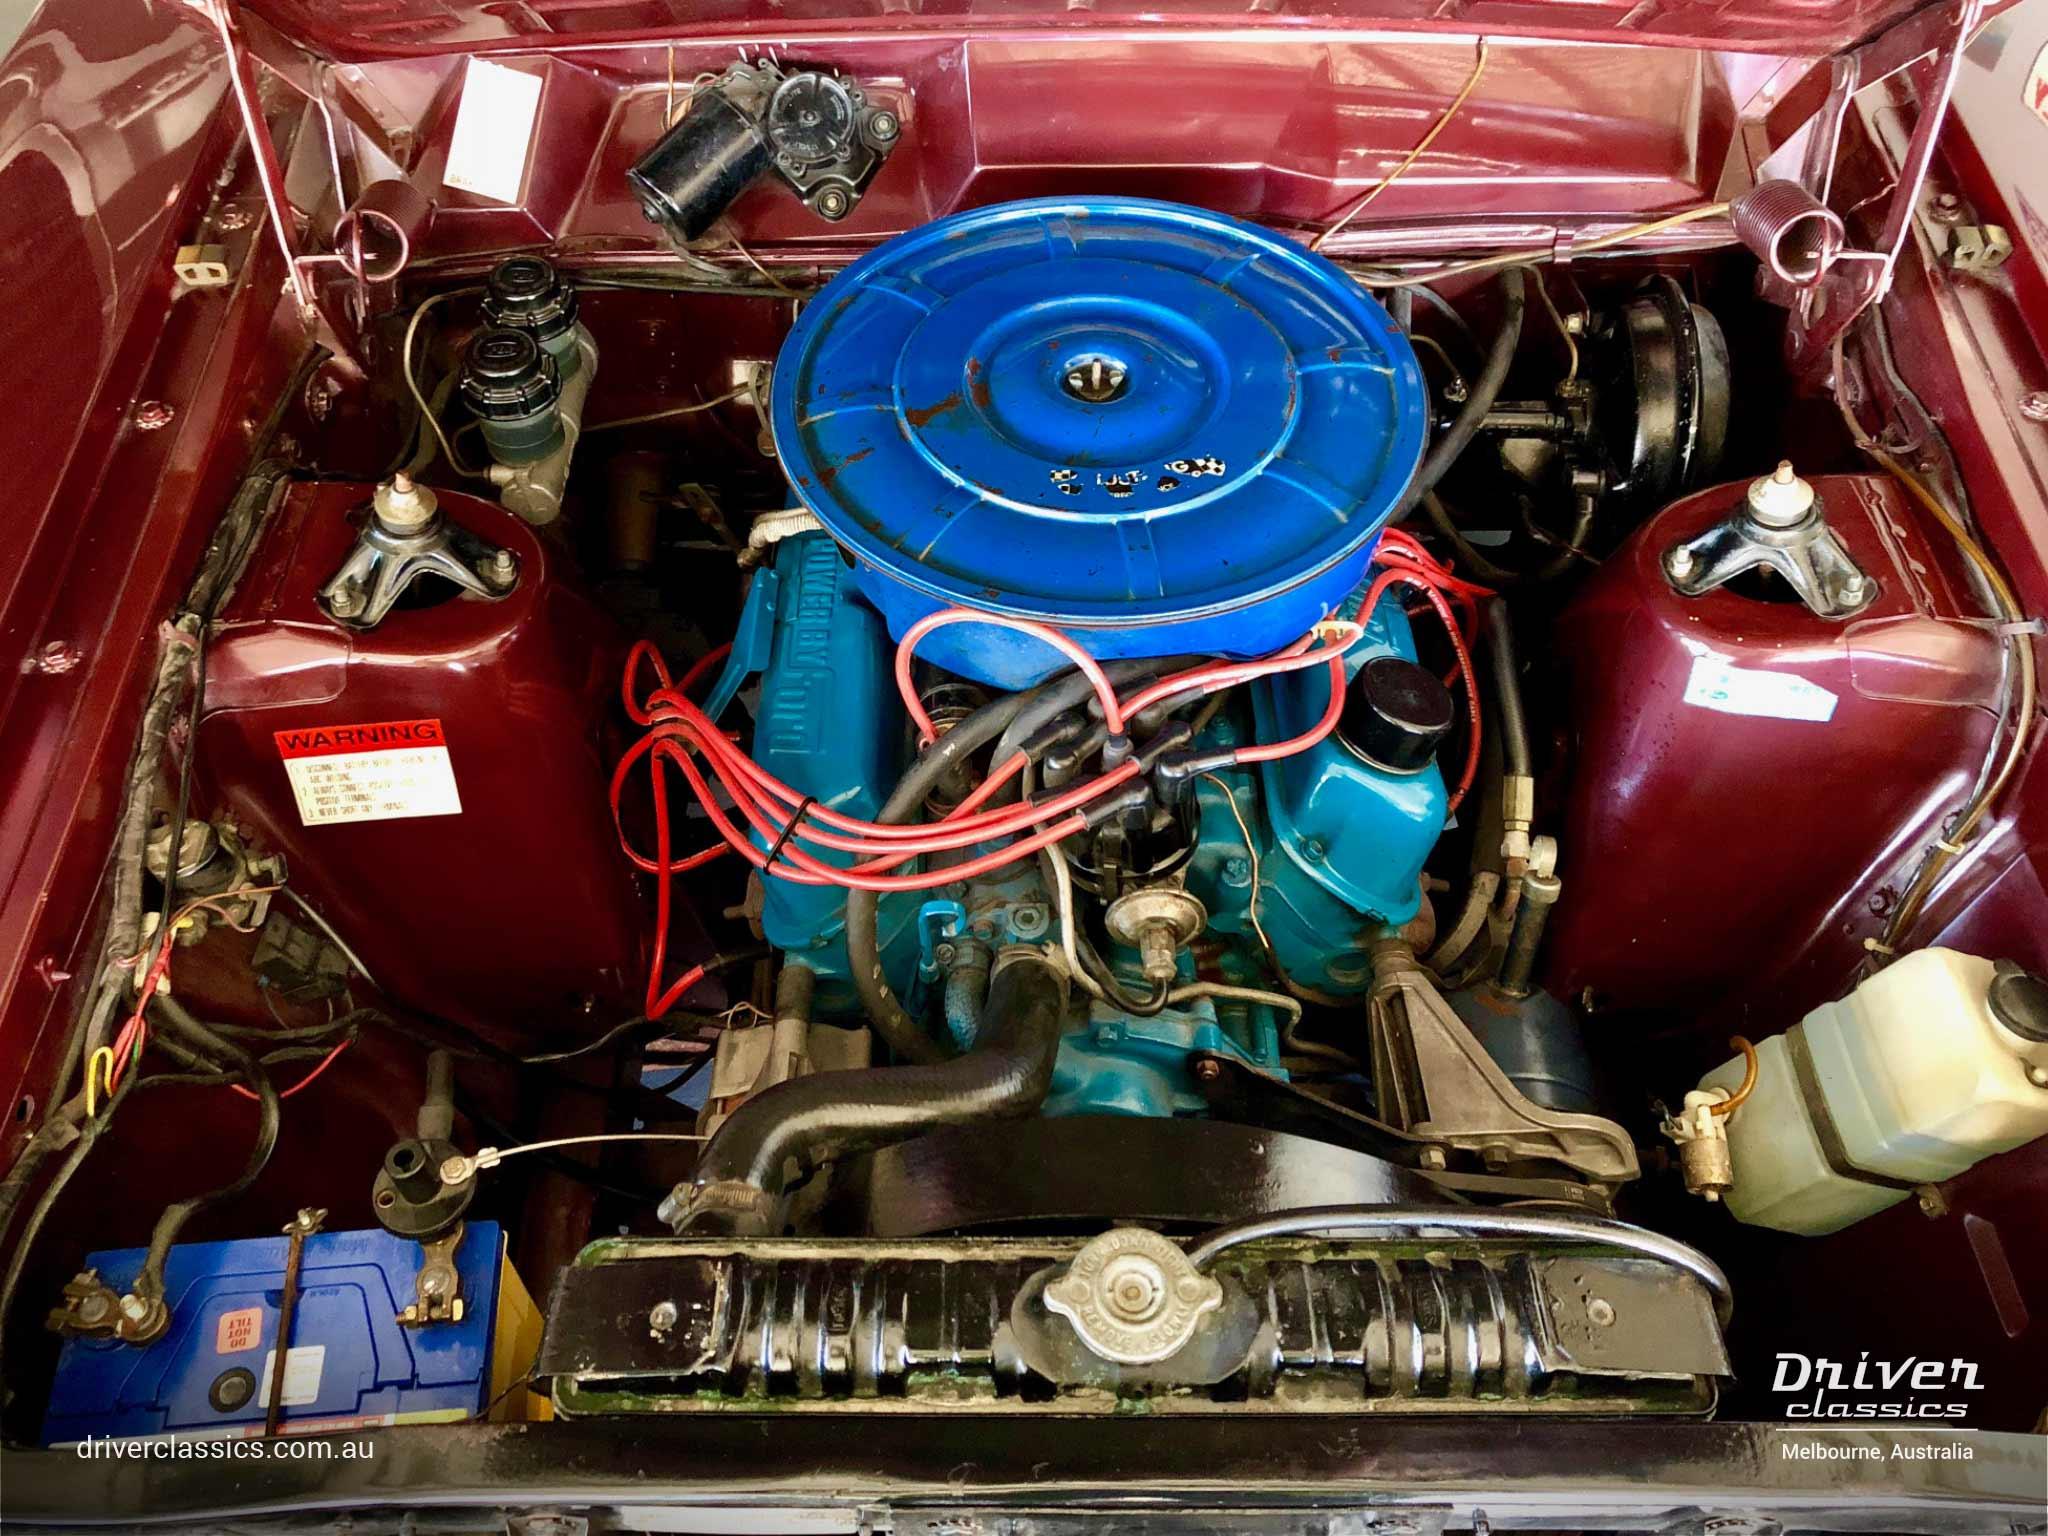 Ford Fairlaine 500 1968 version, engine bay, September 2018